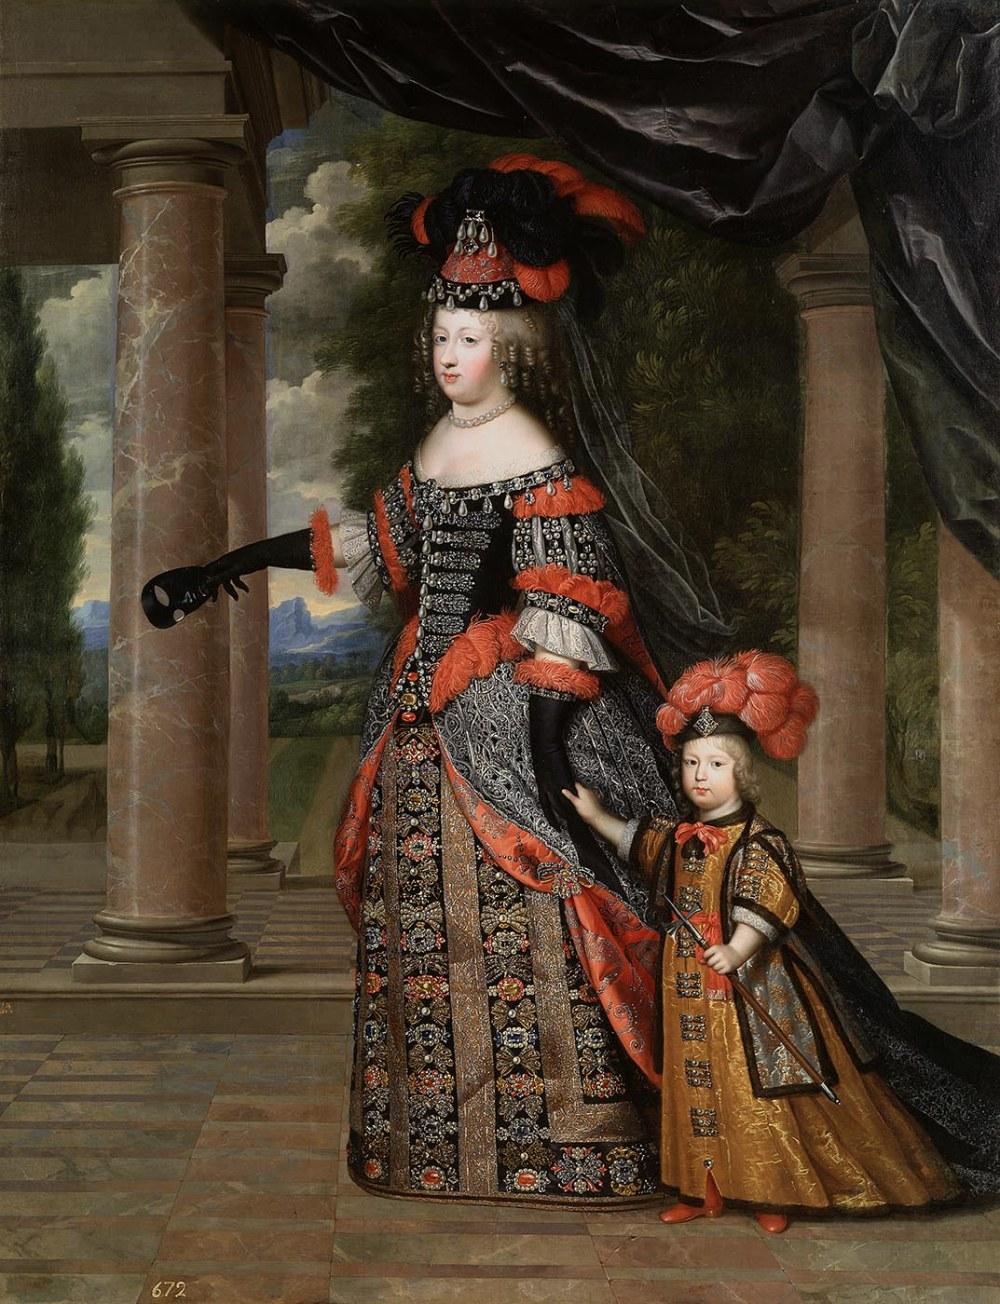 Charles Beaubrun. La reina María Teresa y su hijo el delfín de Francia en traje polaco. Hacia 1663. Luis XIV contrajo matrimonio con su prima hermana María Teresa de Austria en 1660. La pareja seis hijos aunque solamente el mayor conocido como Luis, el Gran Delfín, llegó a la vida adulta, los cinco restantes fallecieron en la infancia.